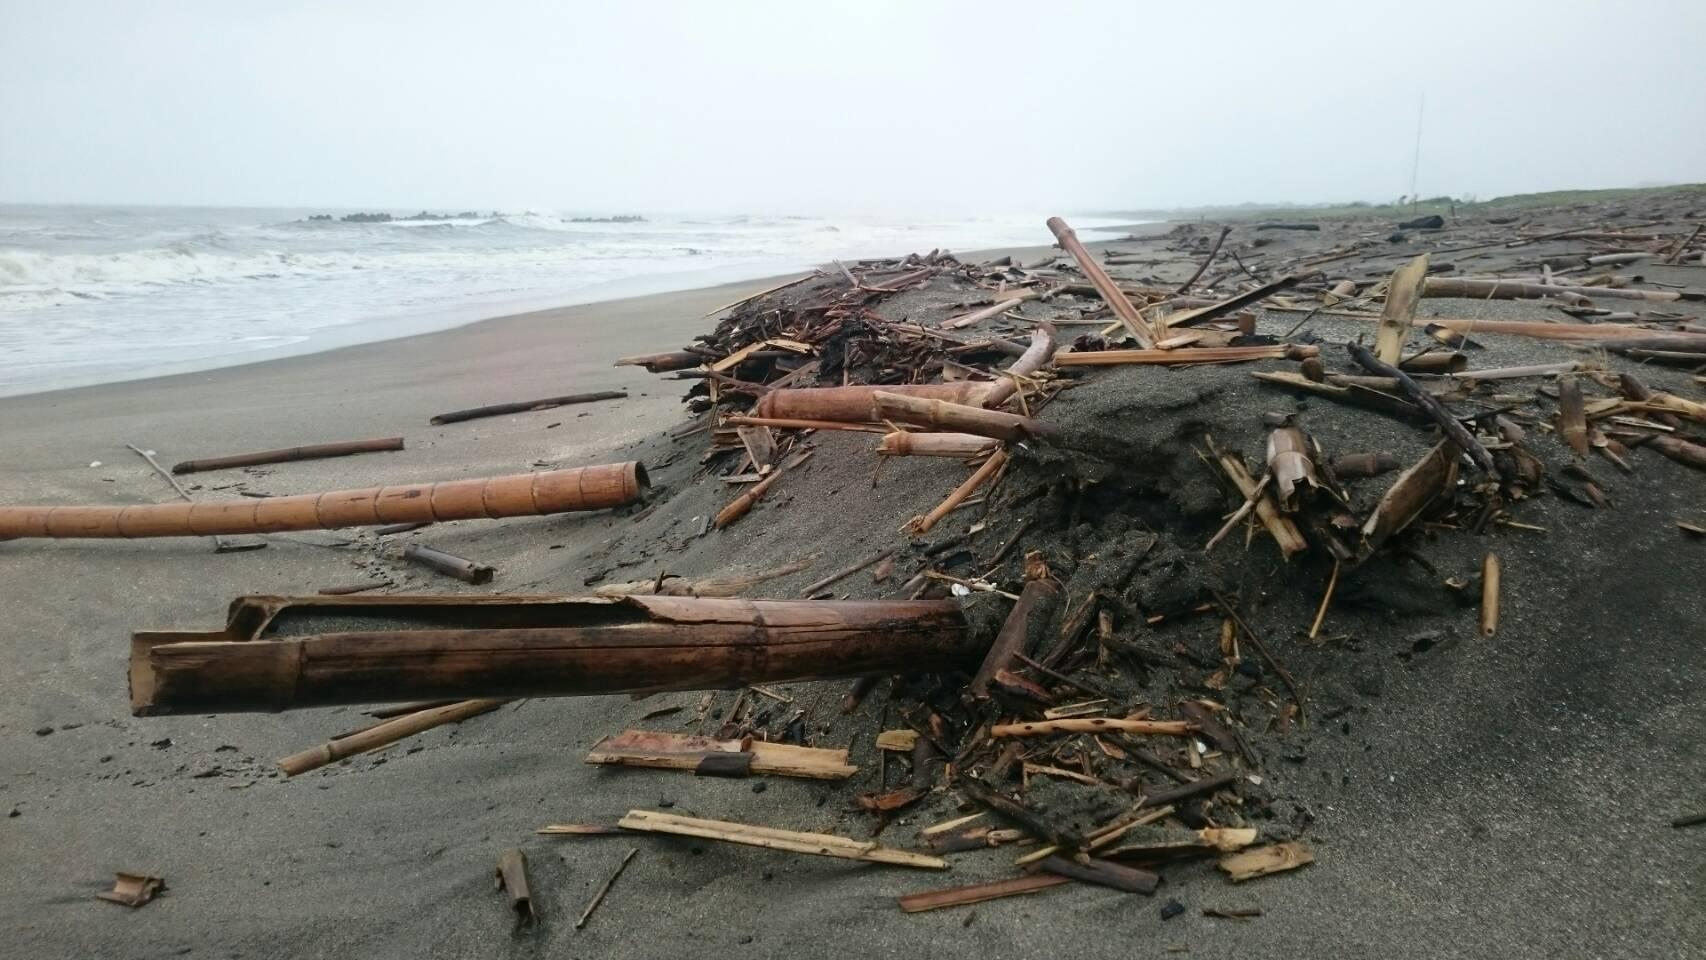 強風のため3日に延期です!海岸の流竹を竹炭へ!!海岸で竹炭プロジェクトが始まります!!